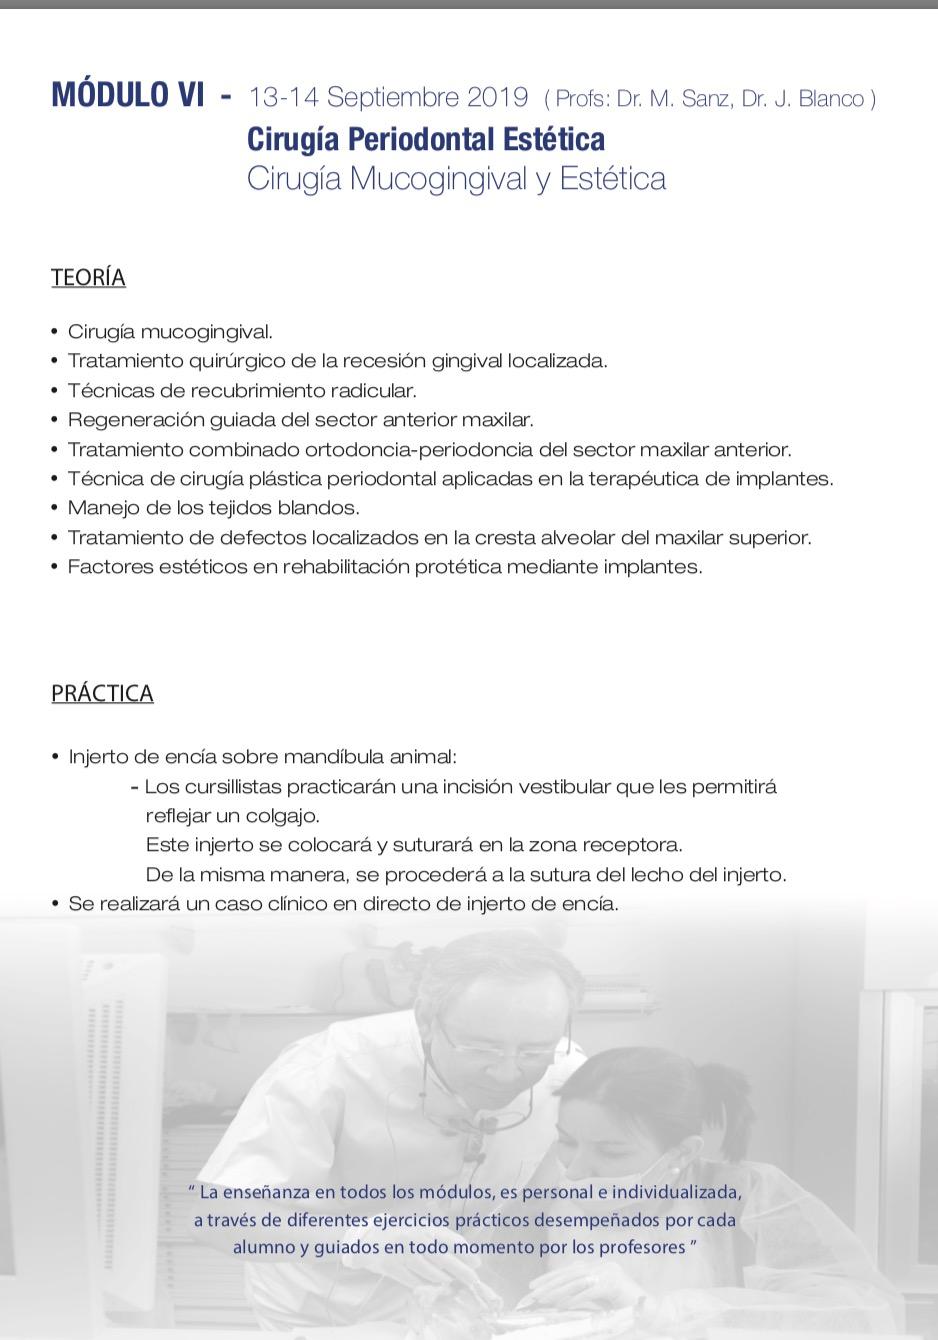 Cirugía Plástica Periodontal - CEODONT